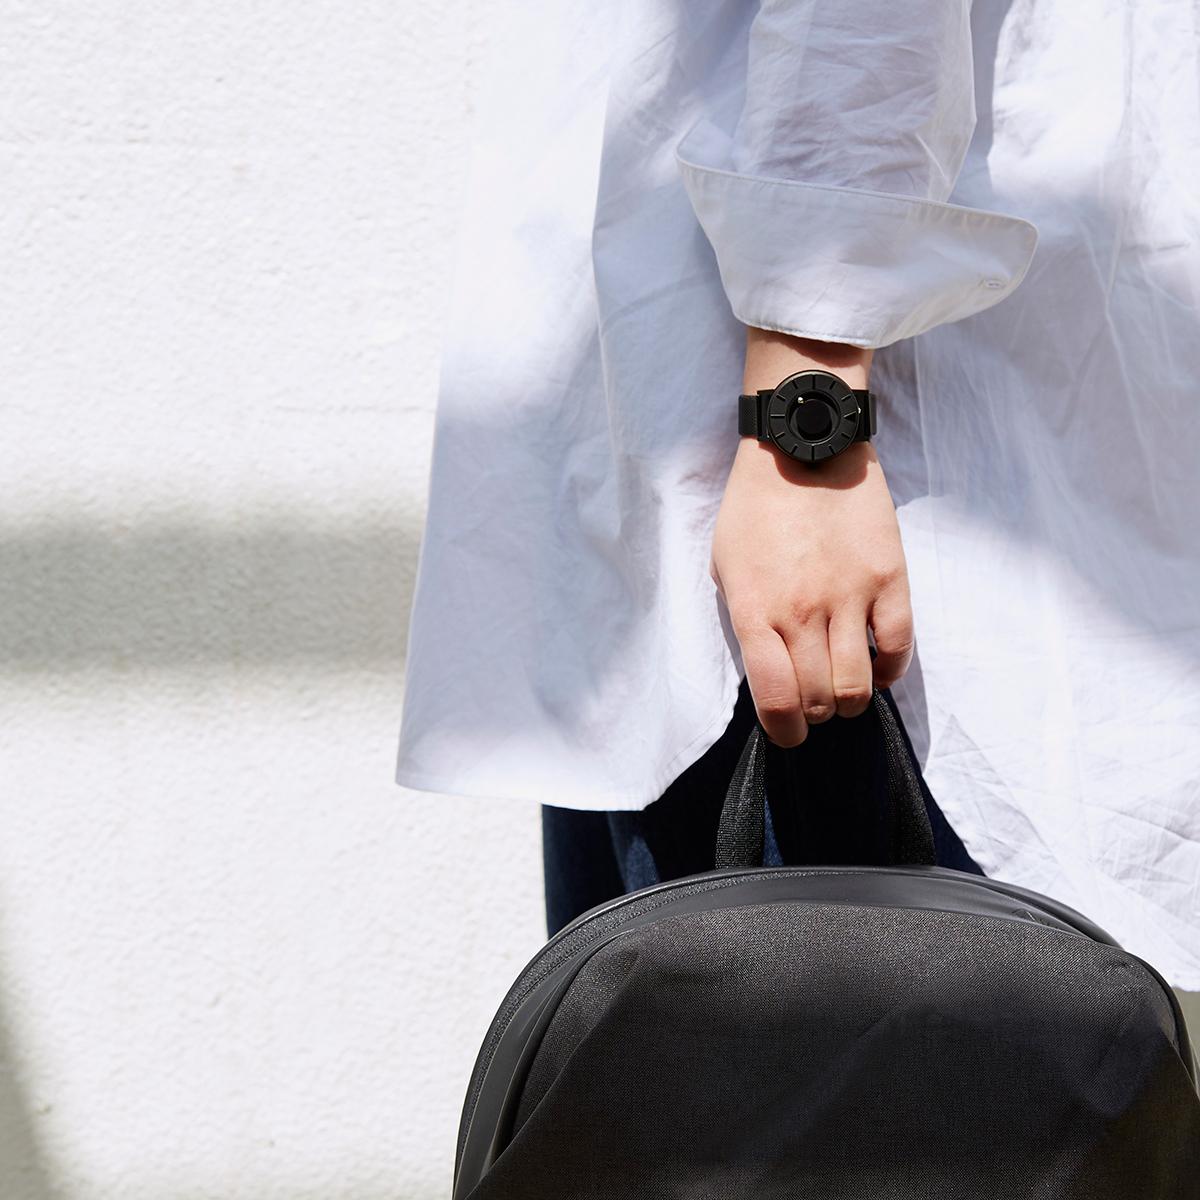 腕元におさまるコンパクトな文字盤、軽やかな装着感のメッシュバンド。触って時間を知る「腕時計」| EONE